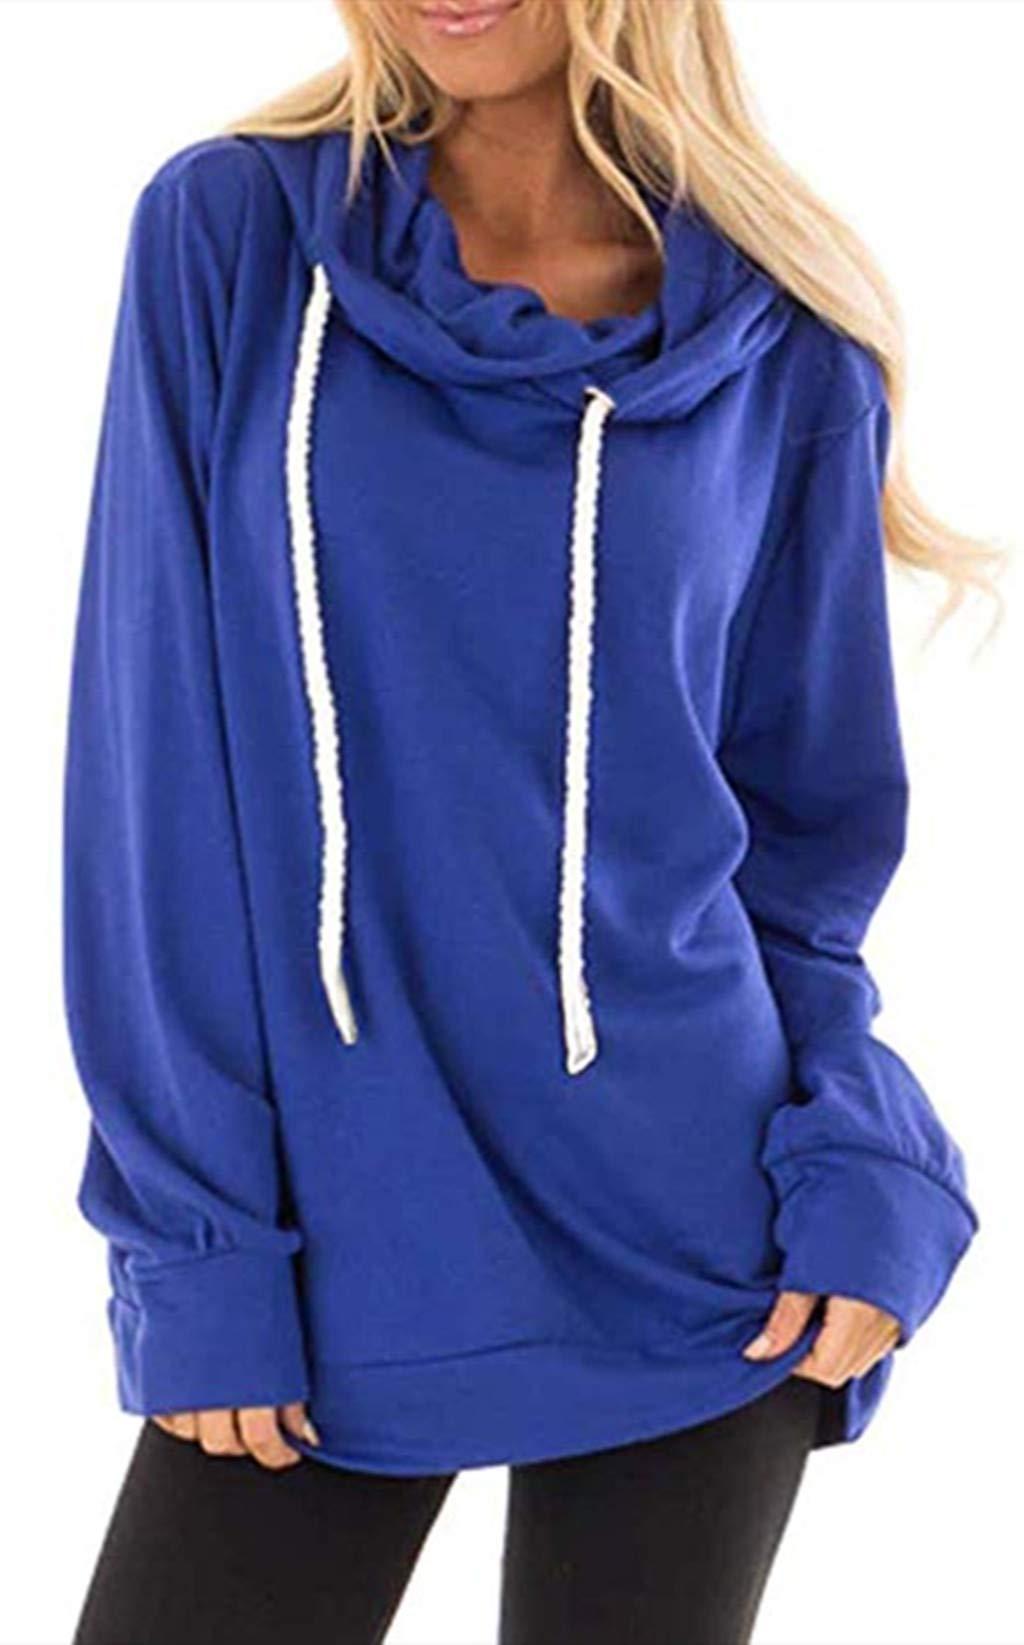 Kelove Womens Solid Cowl Neck Drawstring Pullover Sweatshirts Hoodie, Casual Long Sleeve Hoodie Blue by Kelove